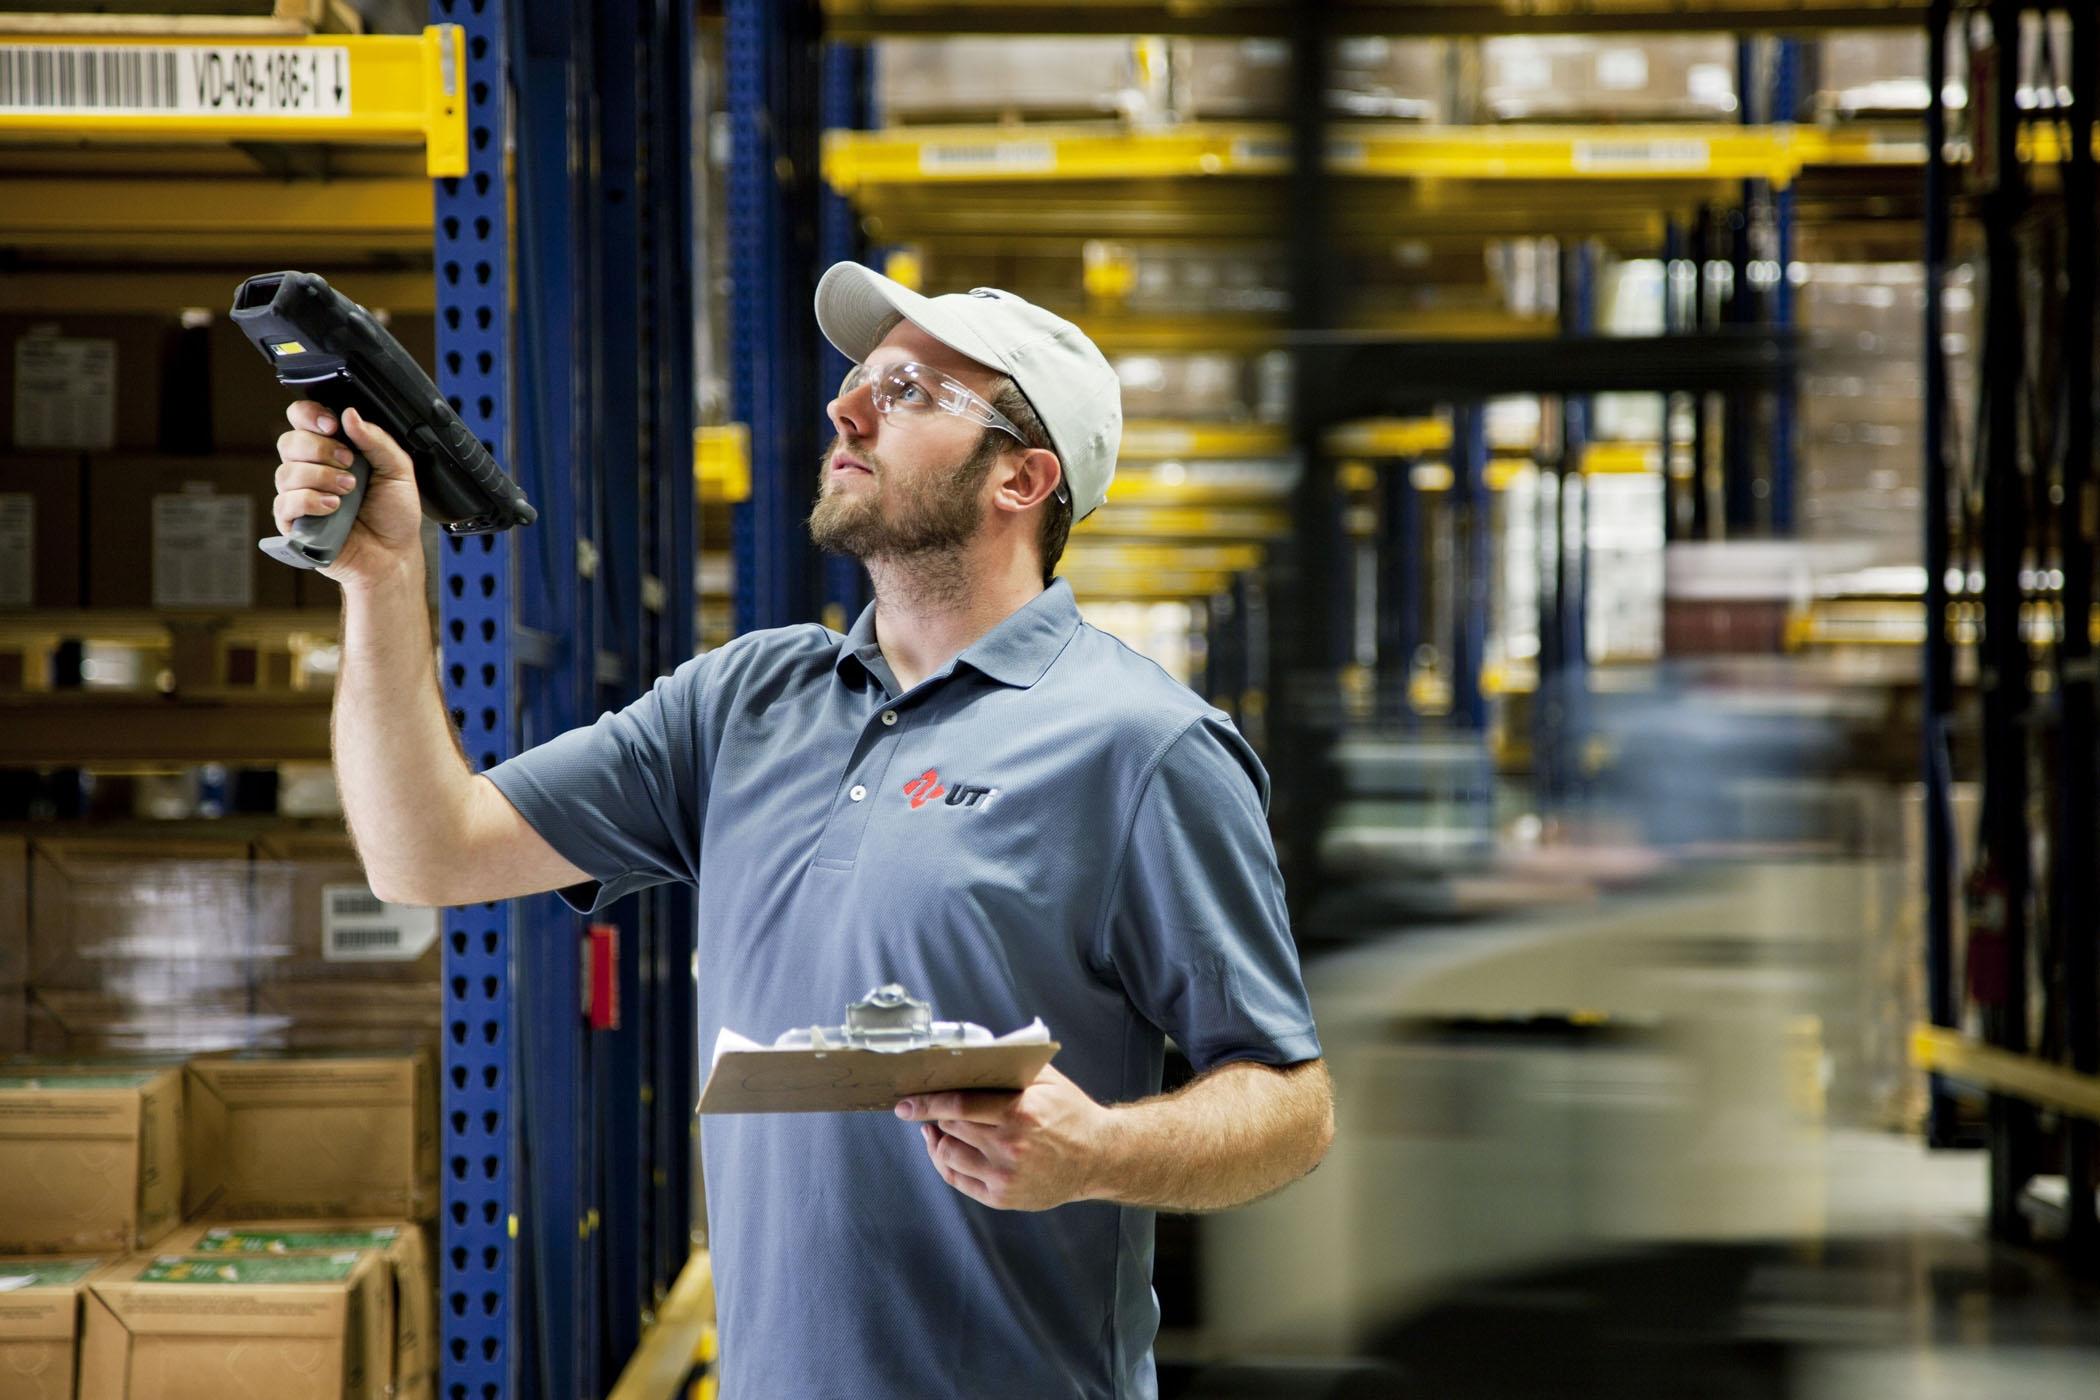 Posso efetuar a gestão dos estoques dos meus fornecedores?